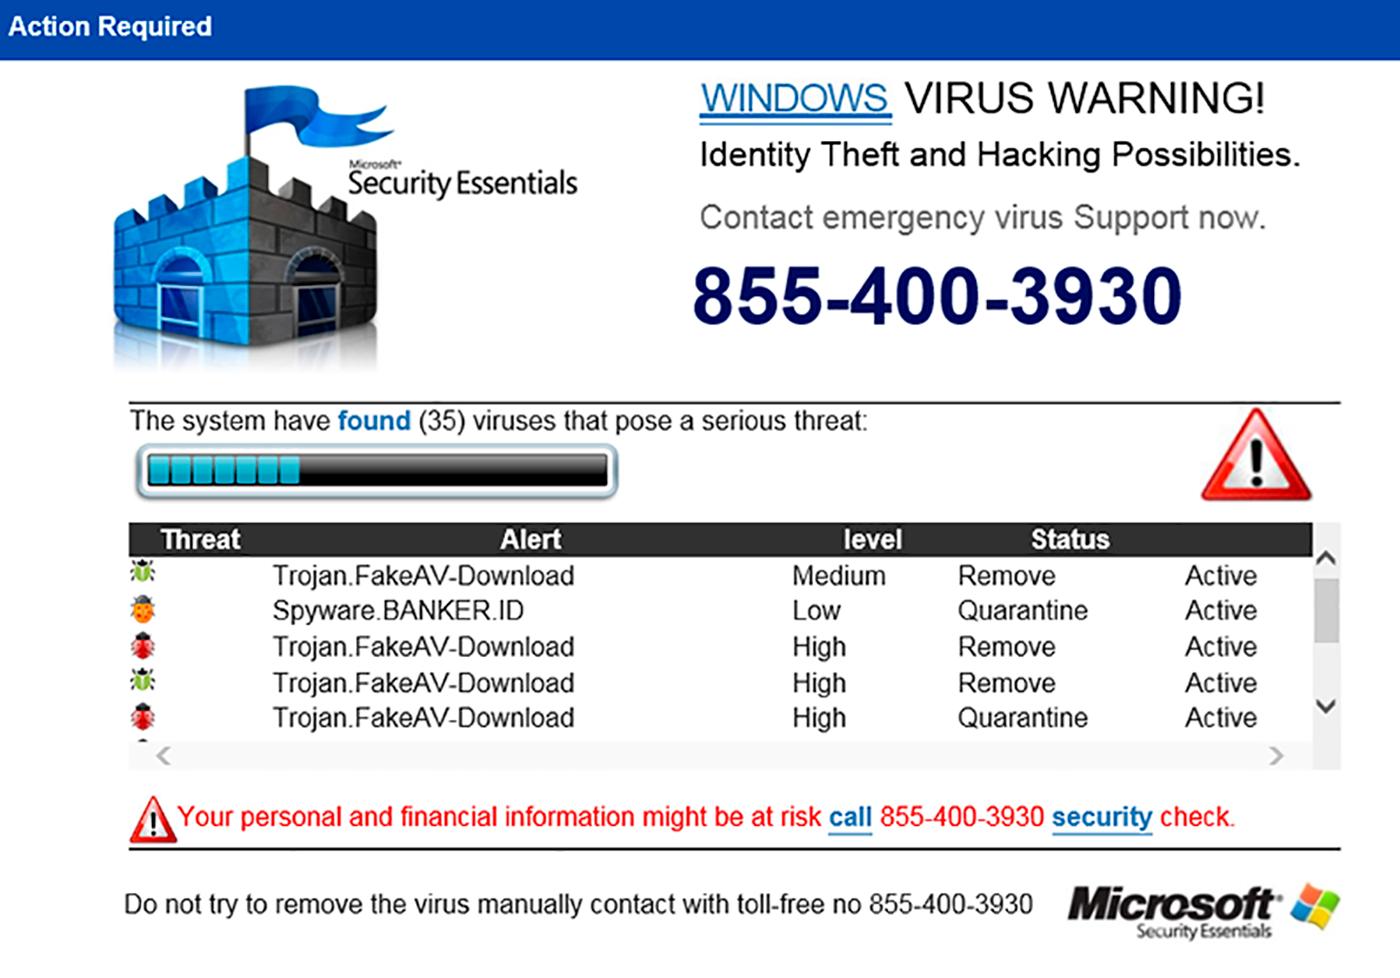 Мошеннический сайт, который сообщает о вирусе на компьютере. Просят срочно связаться с поддержкой